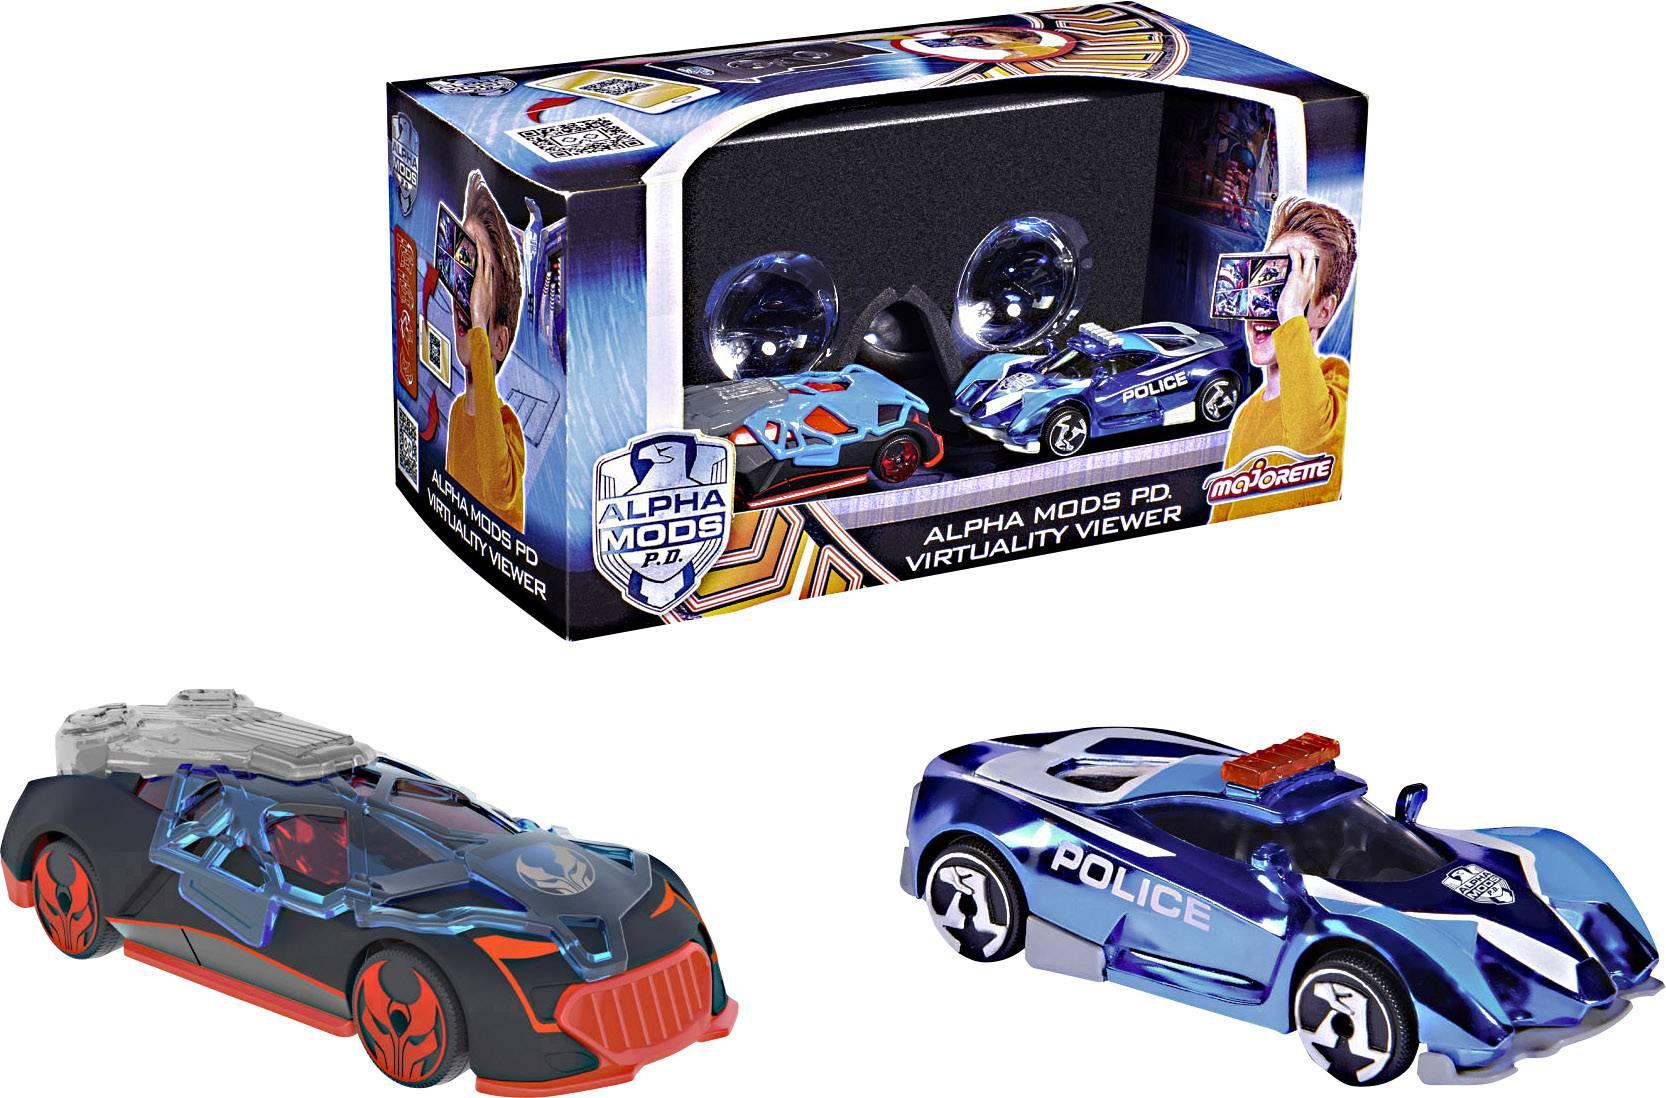 Dickie Toys Alpha Mods Model car | Conrad com